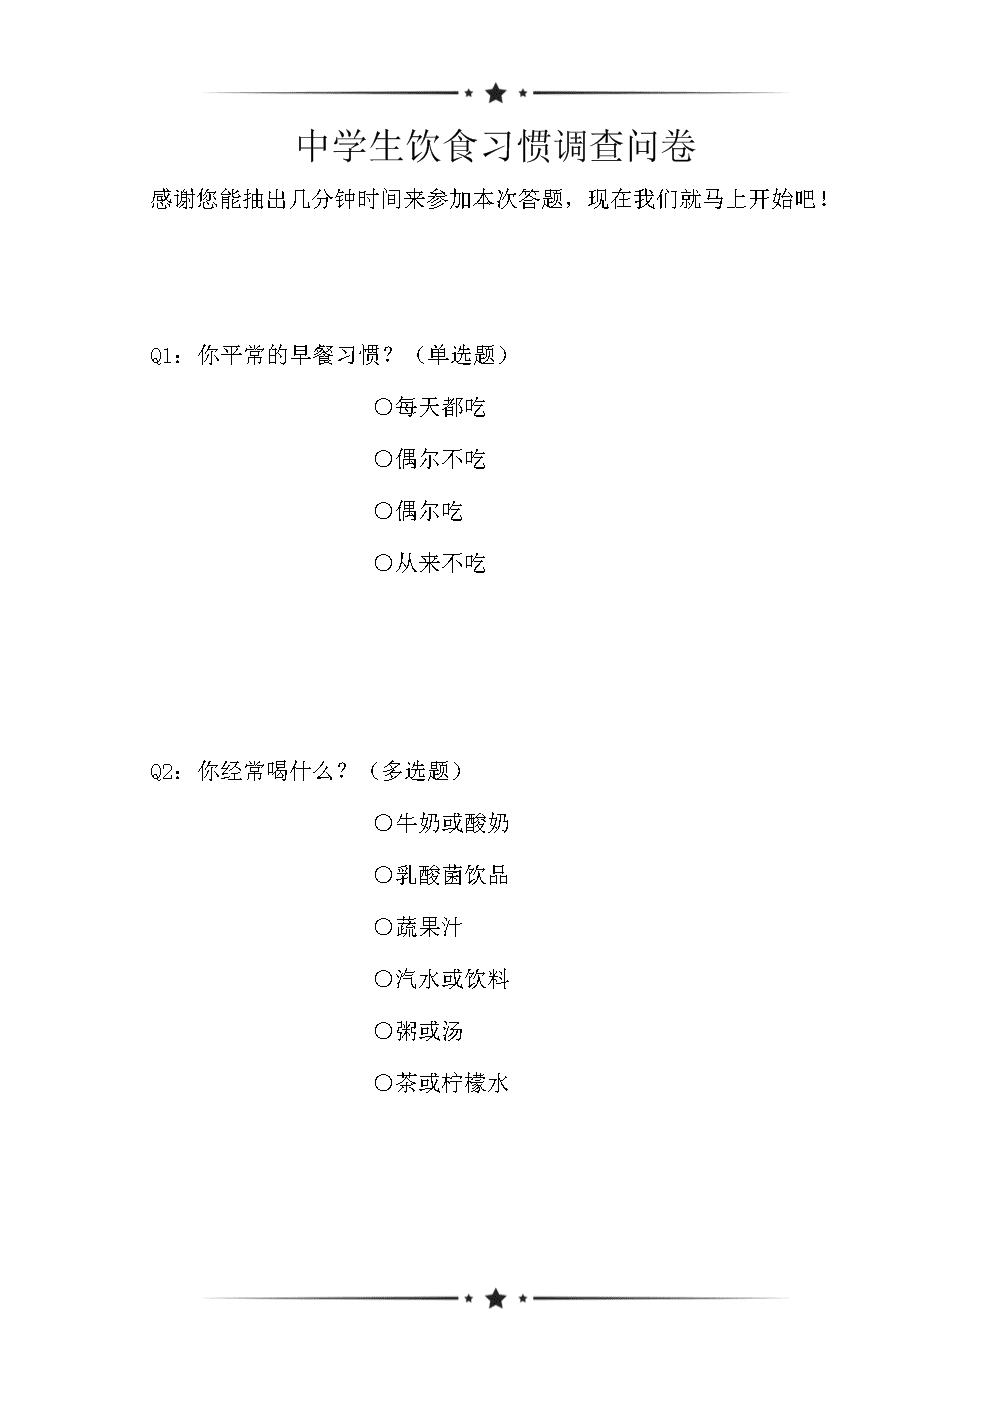 中学生饮食习惯调查问卷(可编辑).doc